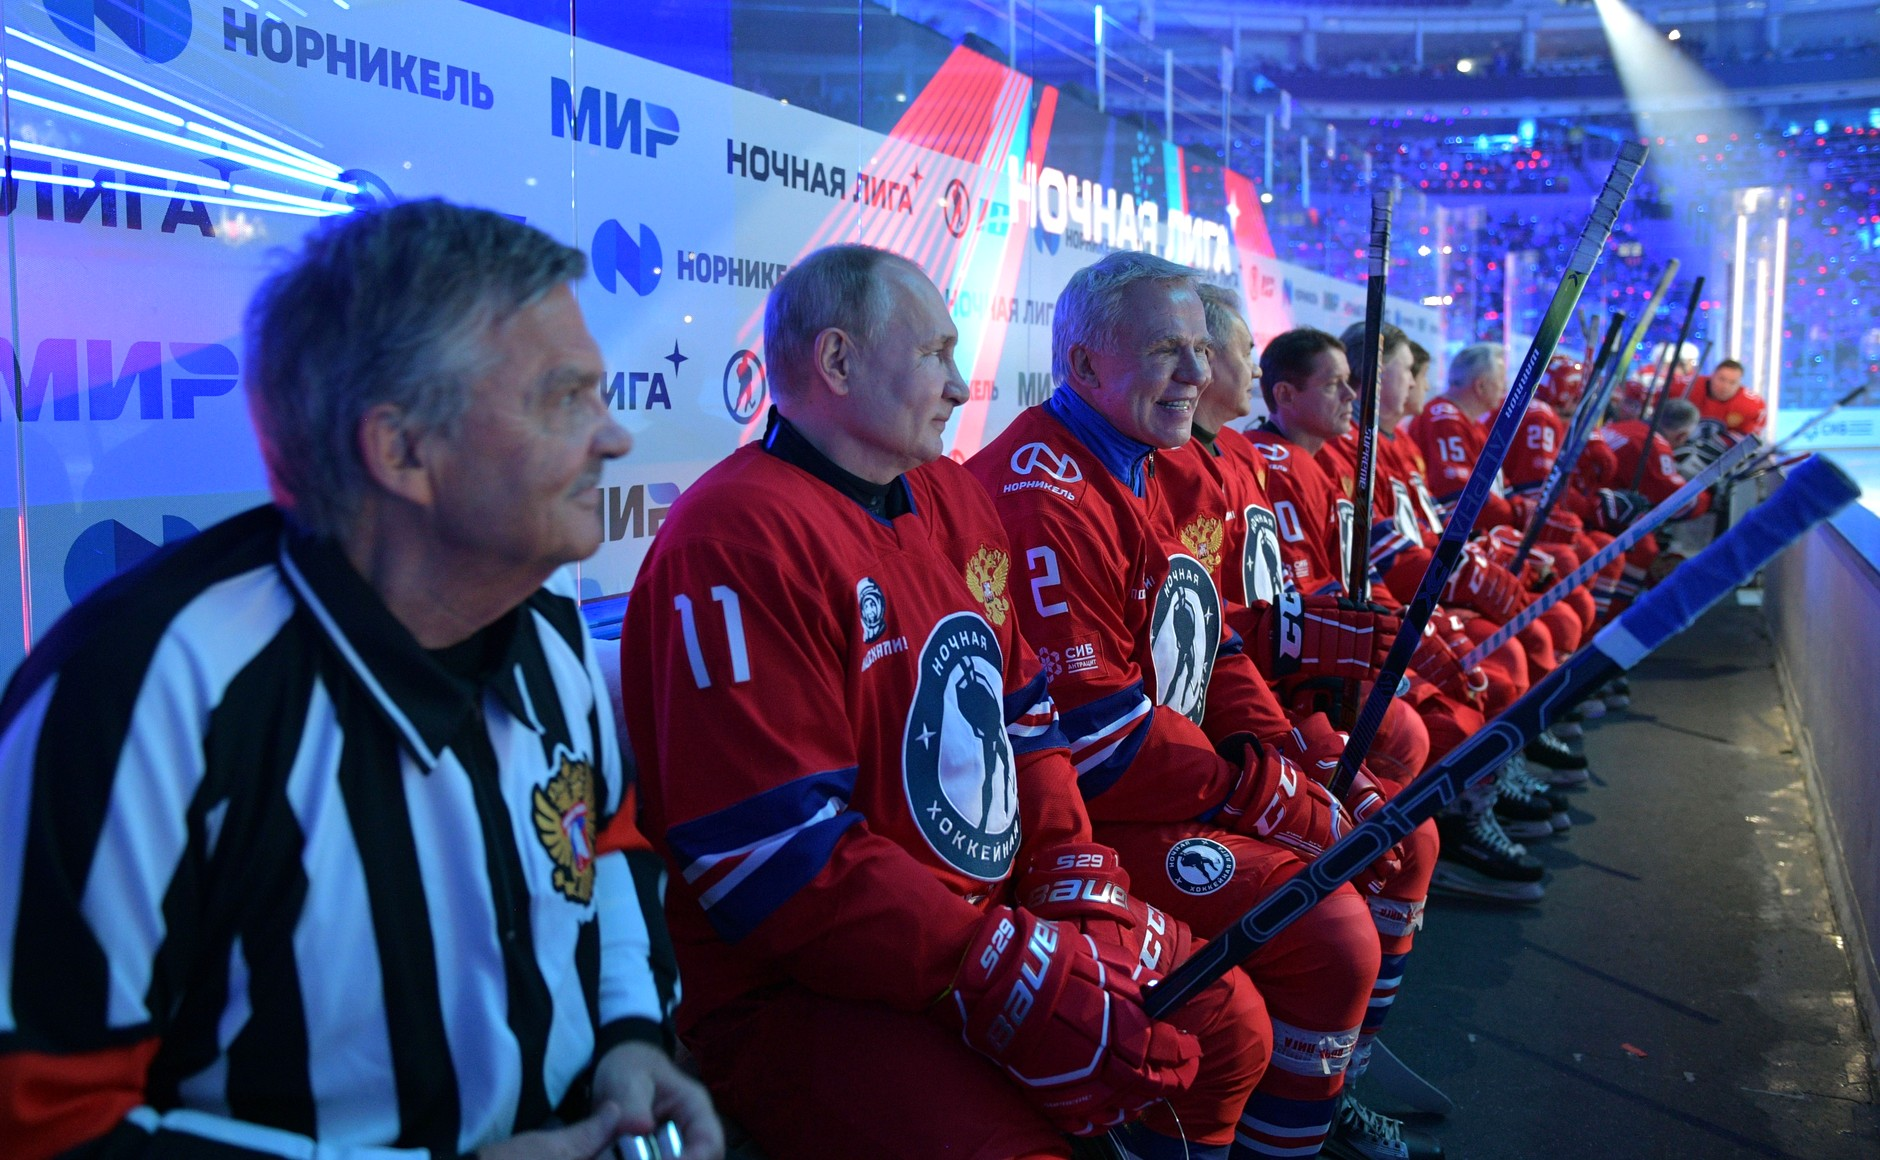 Товарищеский гала-матч Ночной хоккейной лиги в Большом ледовом дворце. Фото © Кremlin.ru